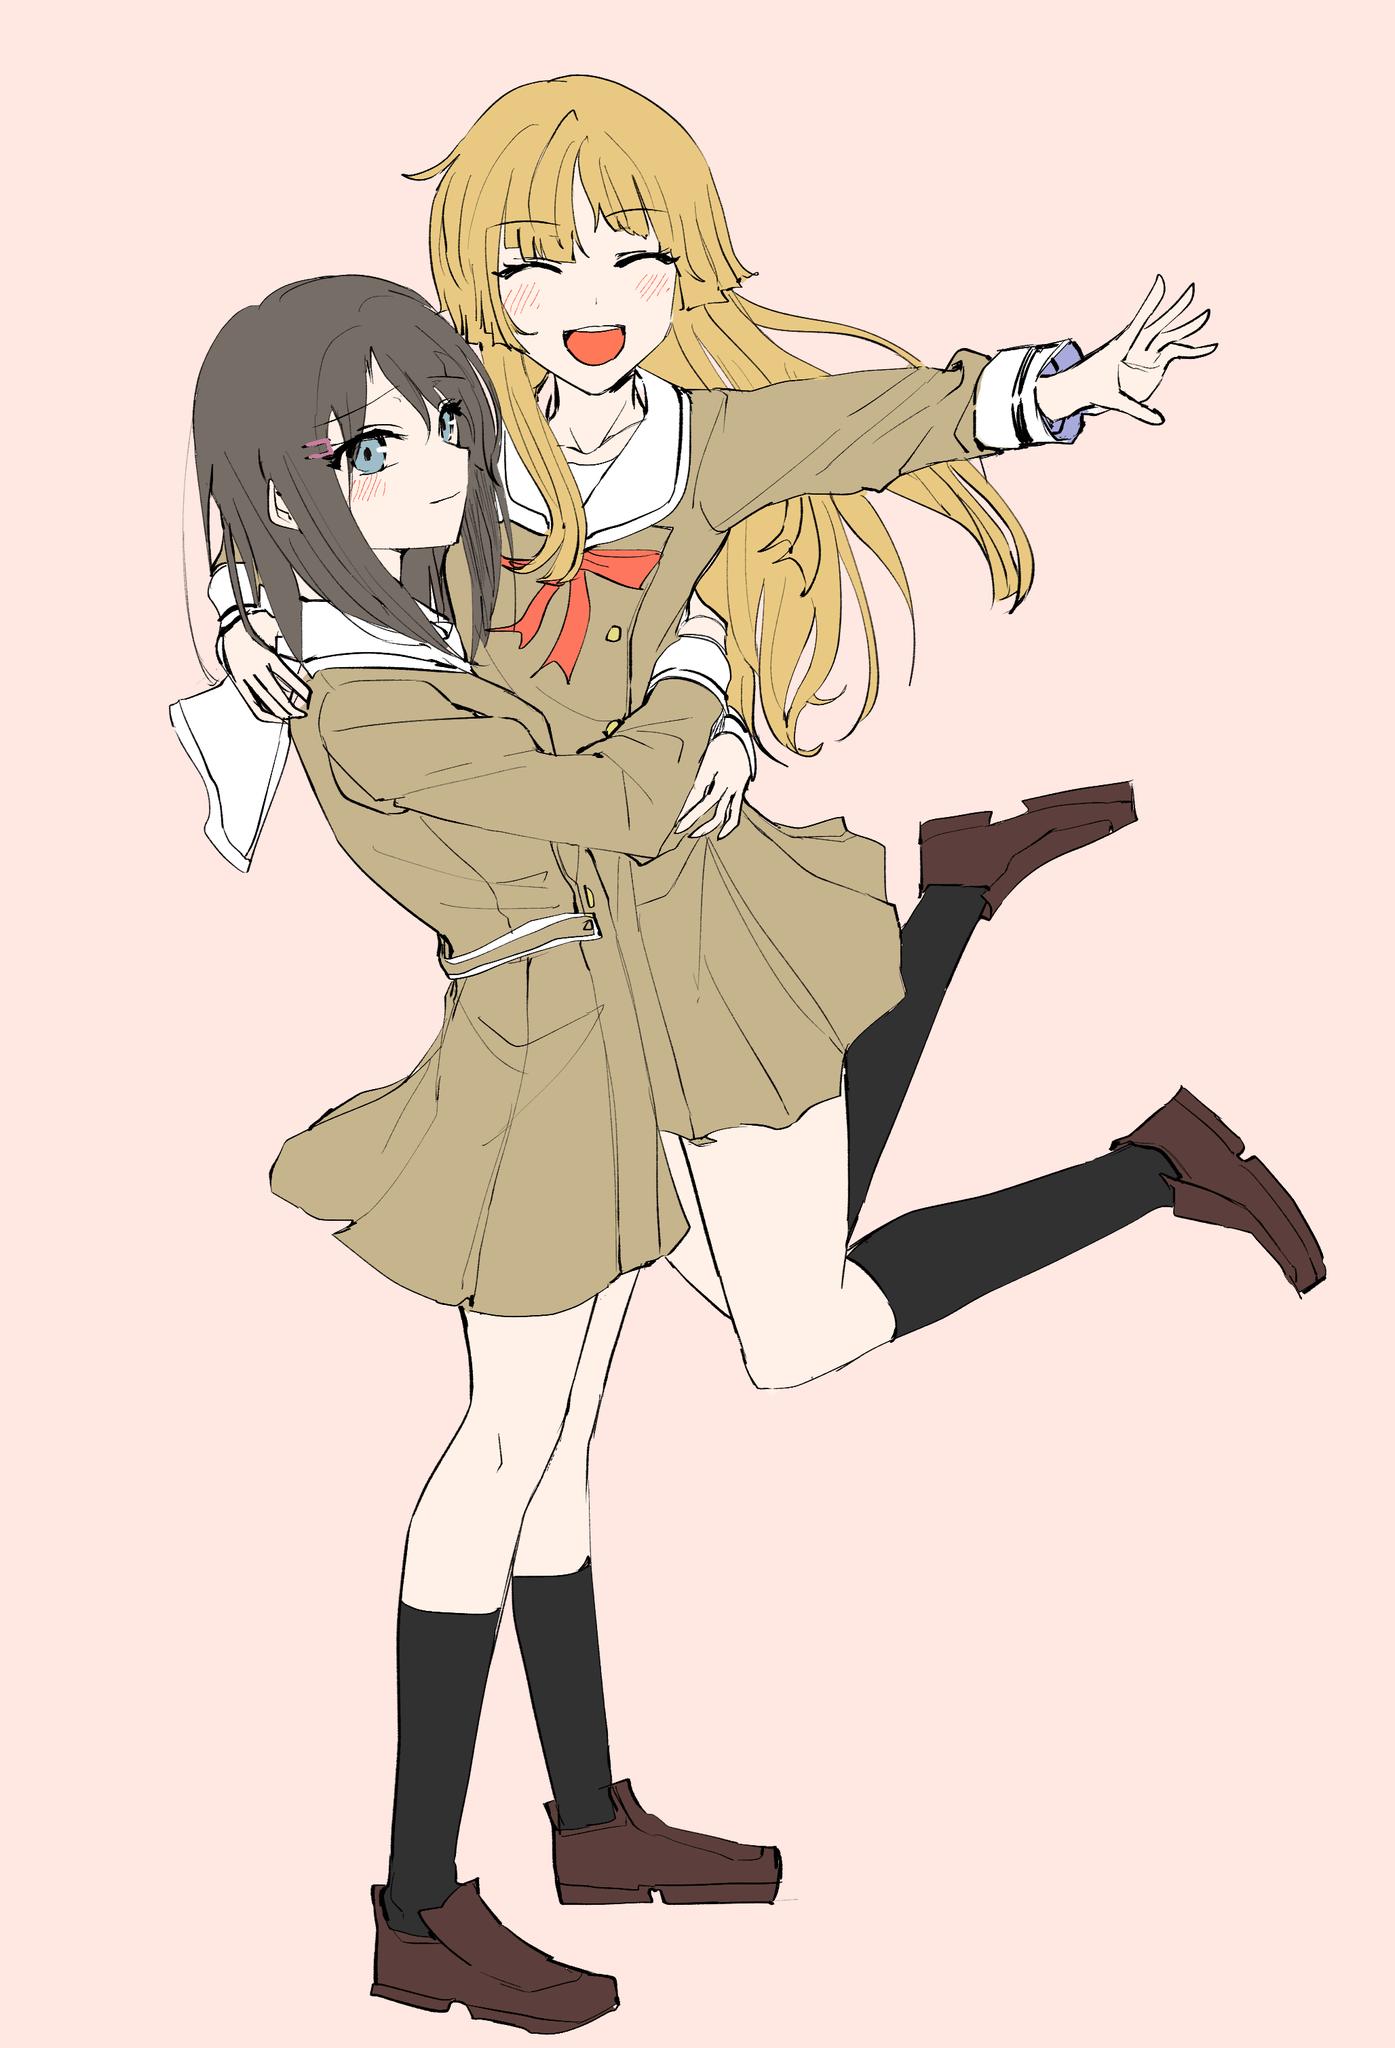 Anime Cute Lesbians pin on bang dream!